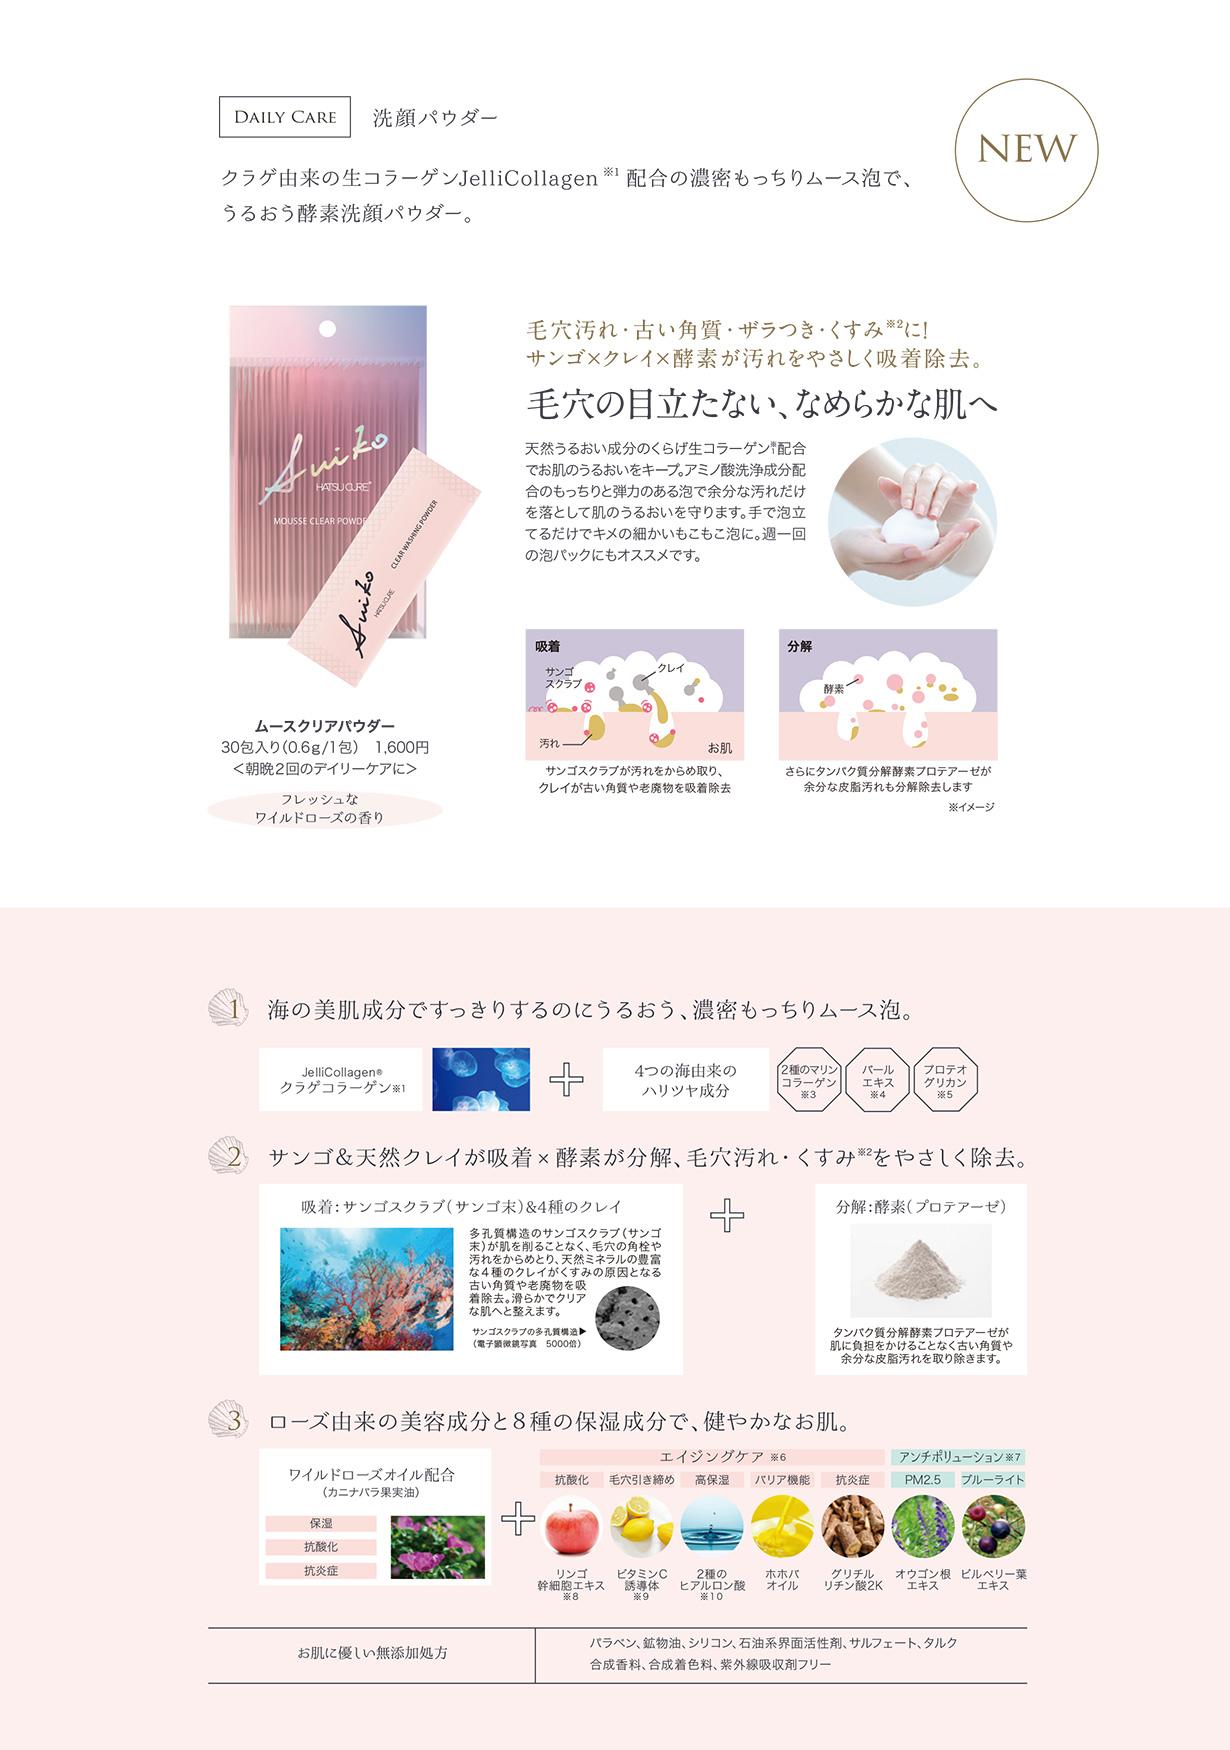 【規定書】SUIKO HATSUCURE 2020 SPRING & SUMMER(2)